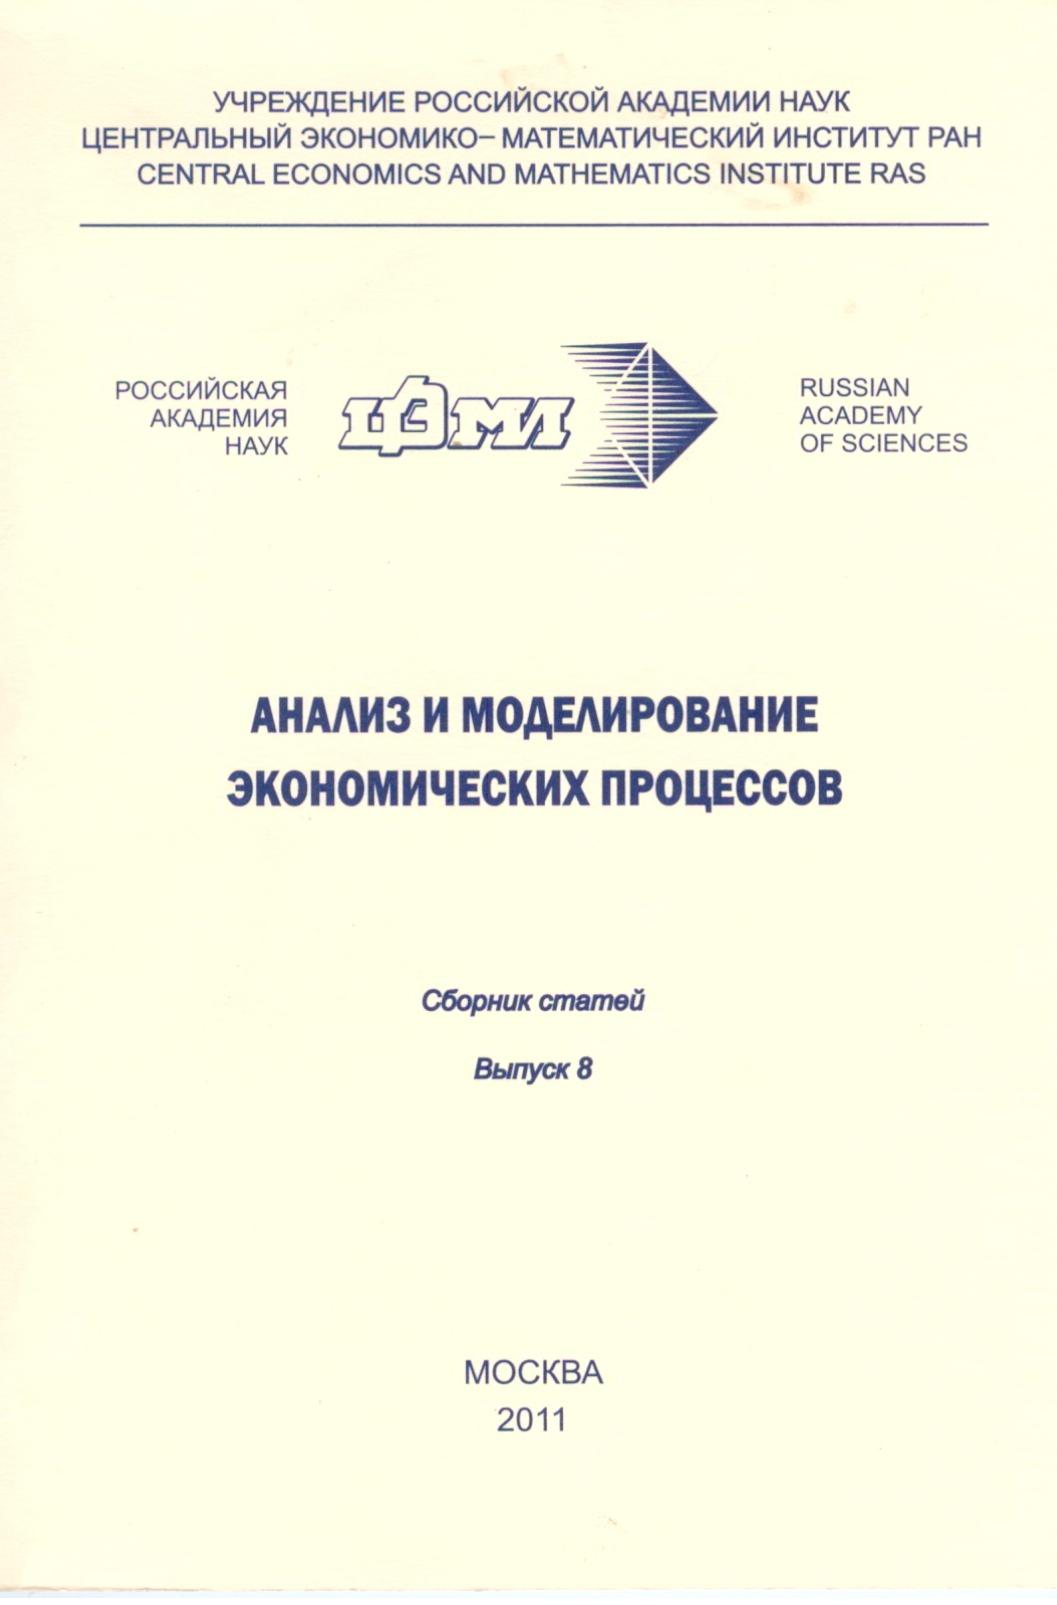 Анализ и моделирование экономических процессов